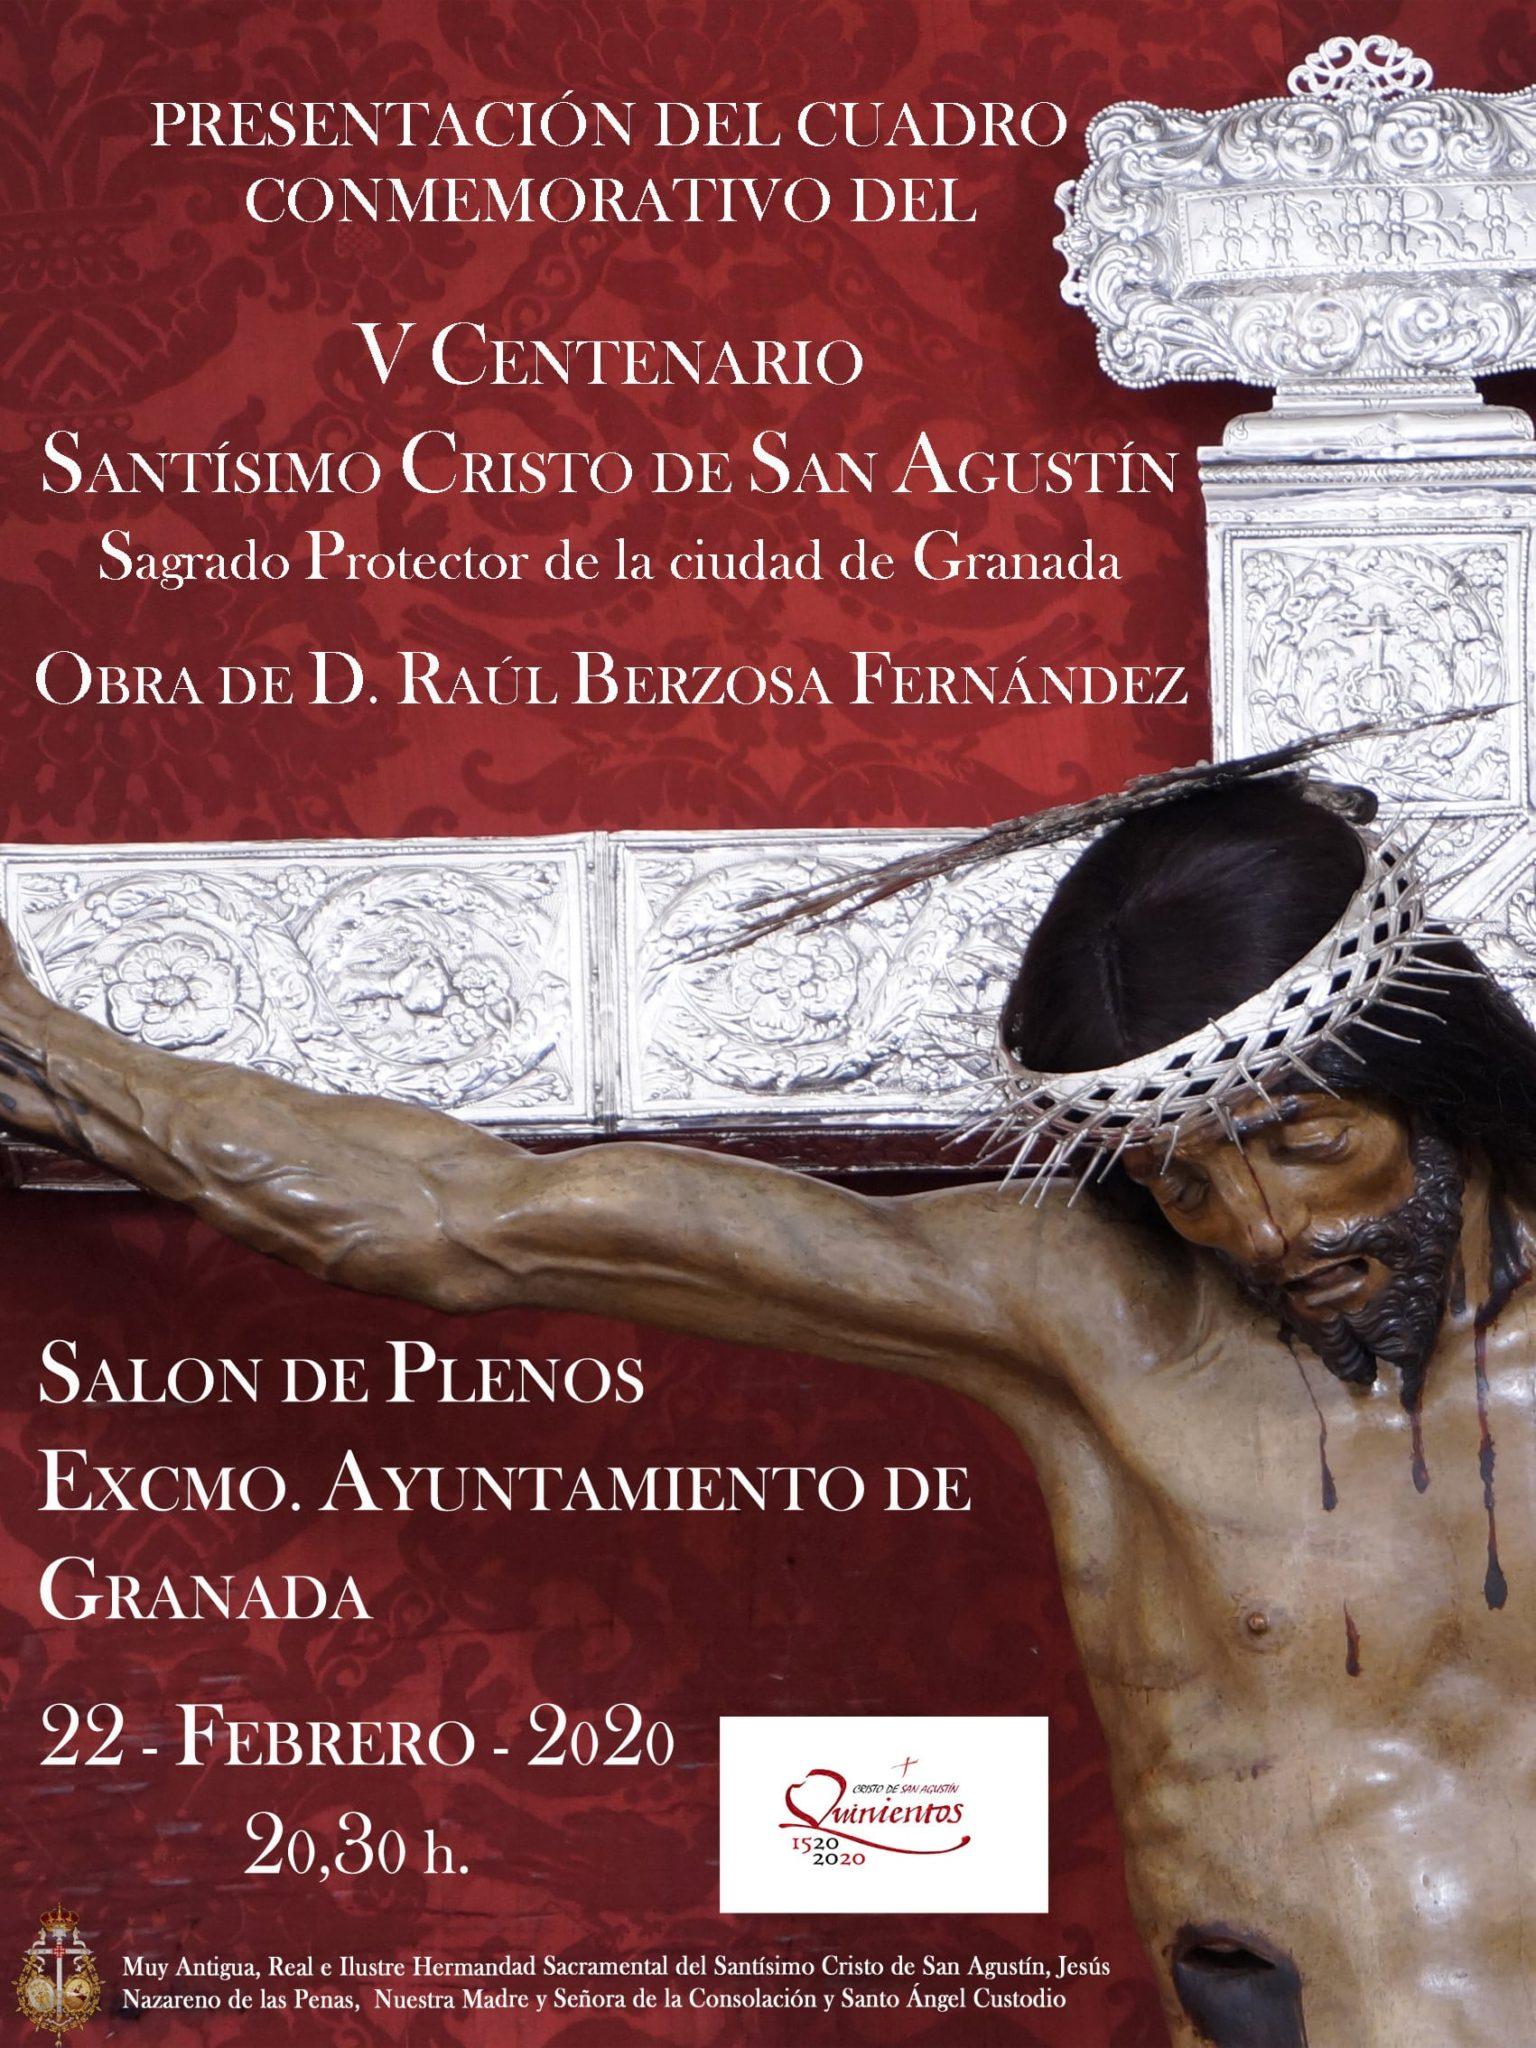 Cuadro V Centenario San Agustín